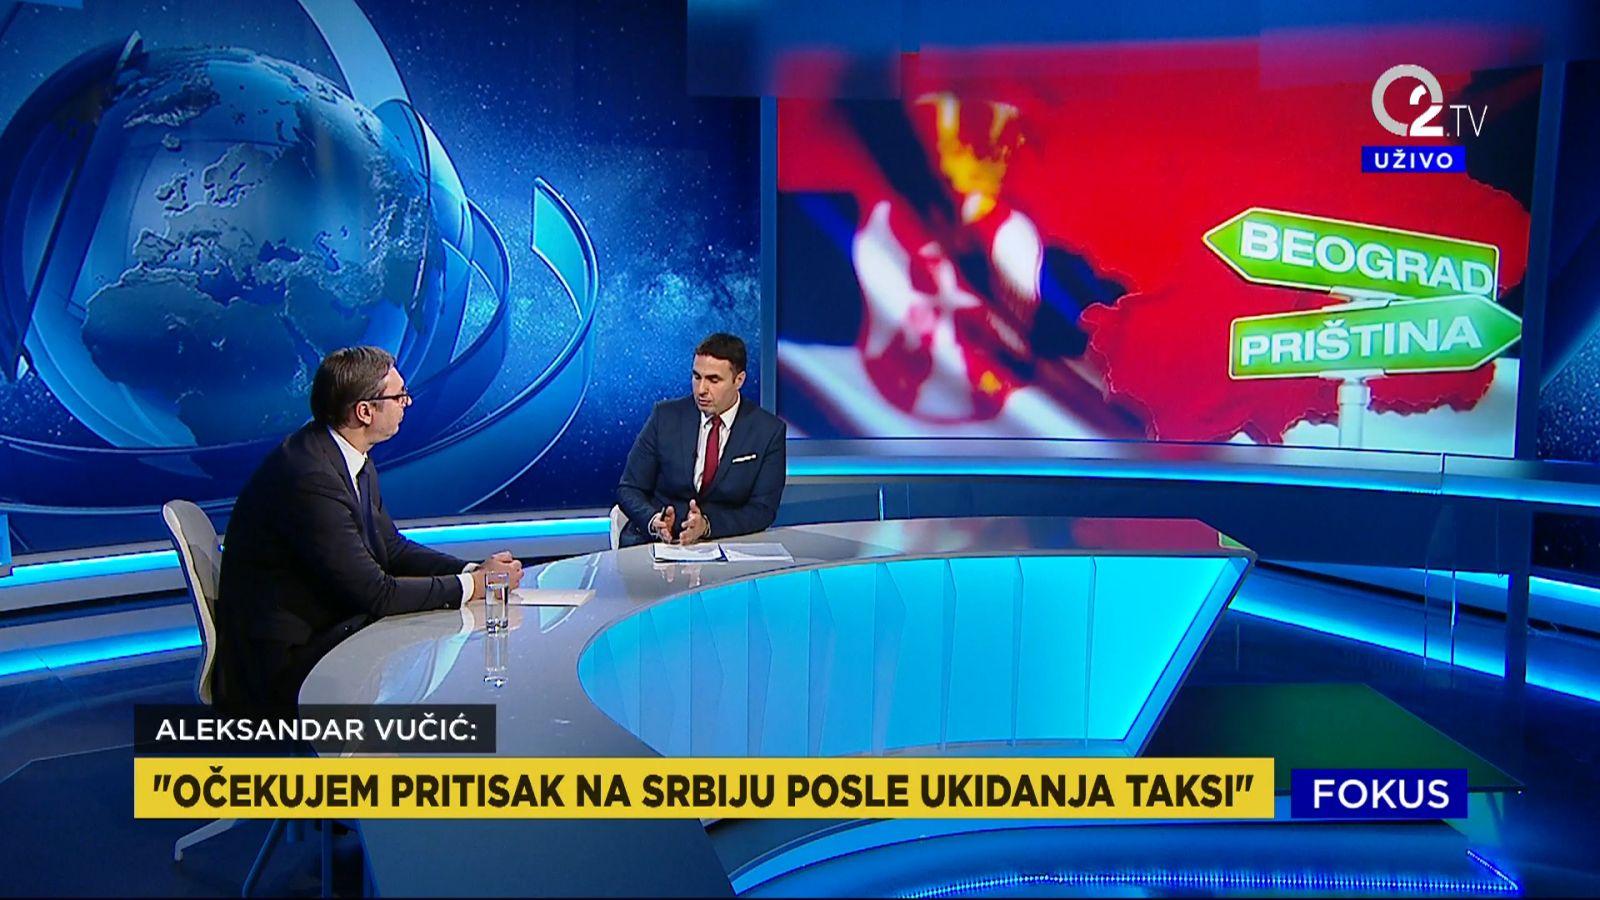 Predsednik Aleksandar Vucic o pritiscima na Srbiju.